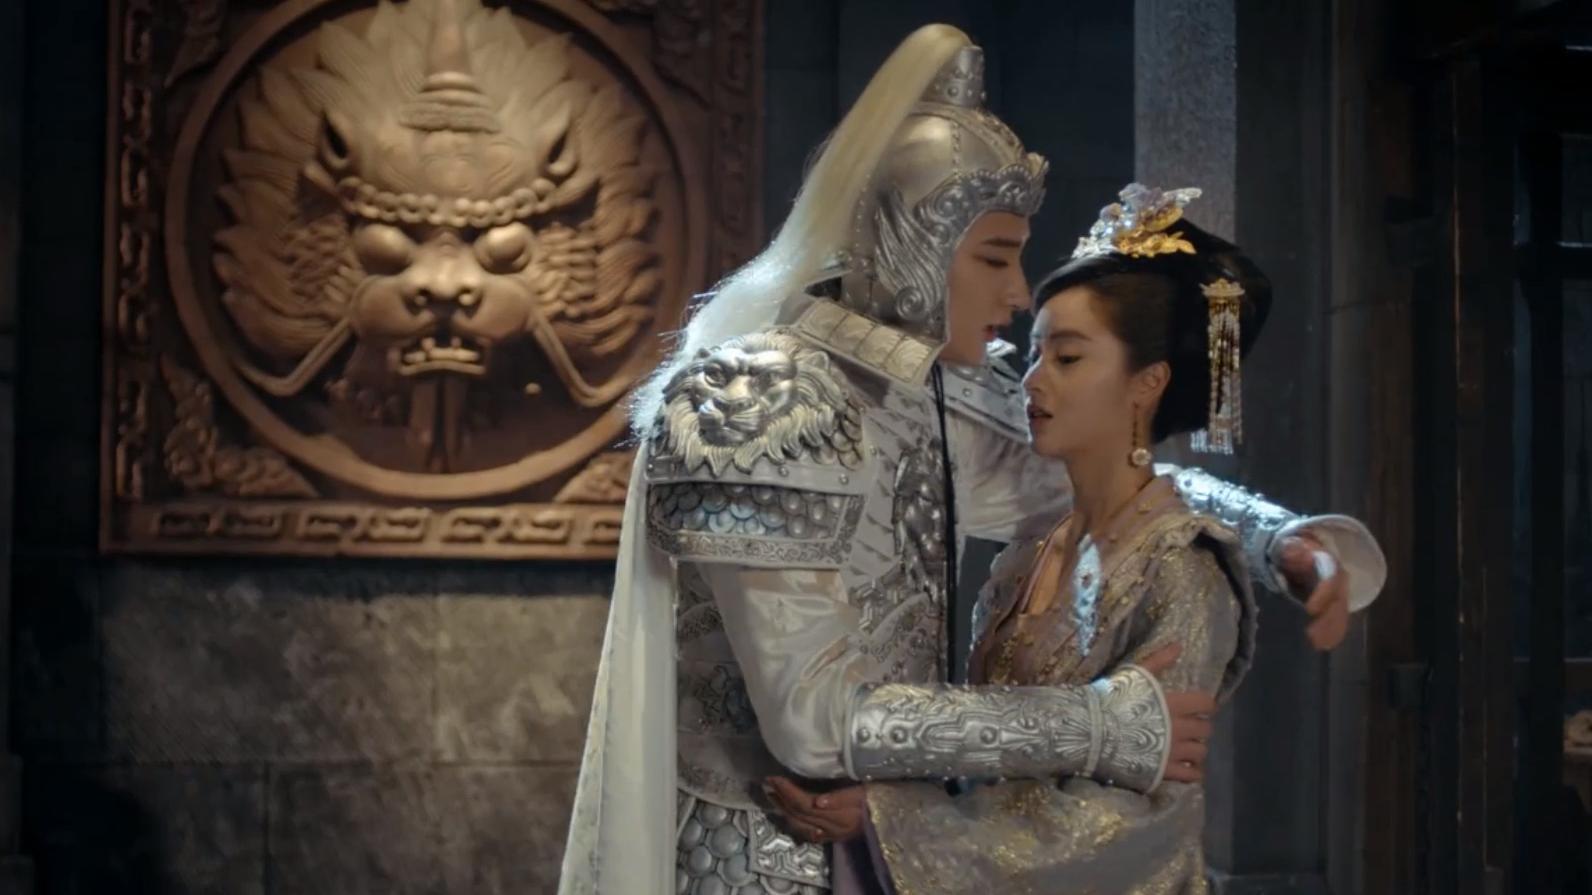 花木槿思念成疾,非白告知双生秘密求原谅,皇后之礼迎娶花木槿